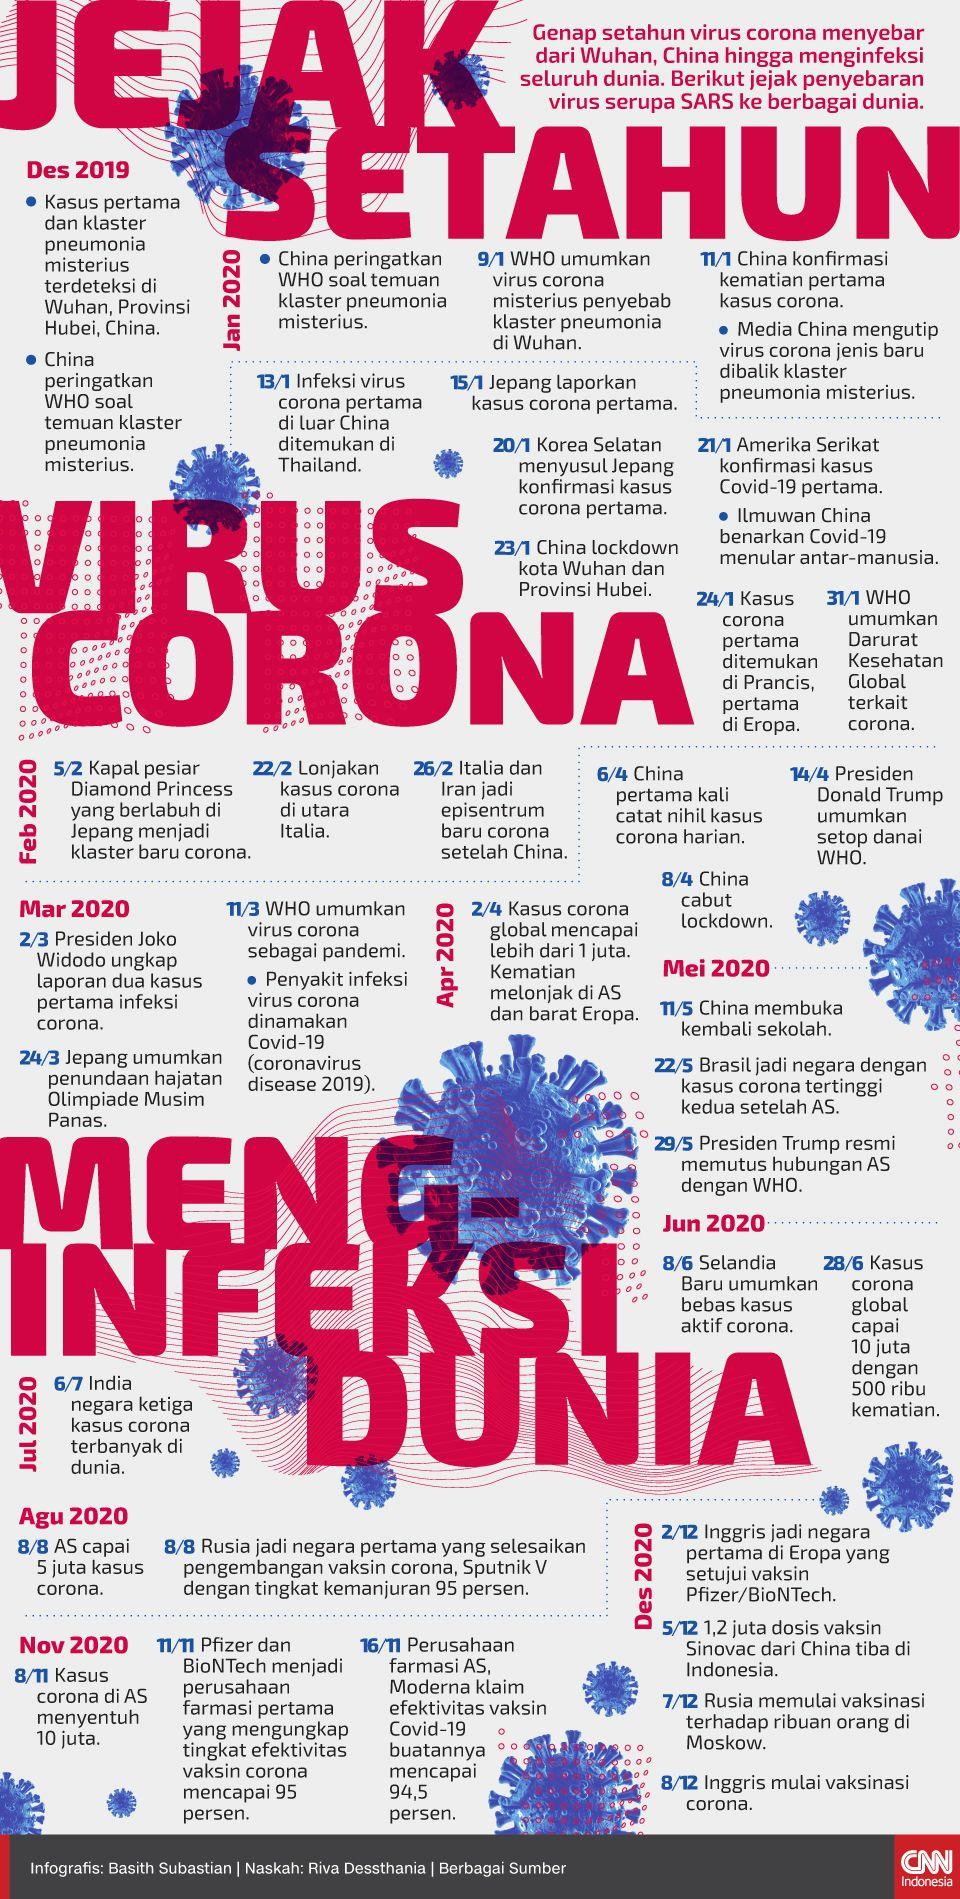 Infografis Jejak Setahun Virus Corona Menginfeksi Dunia